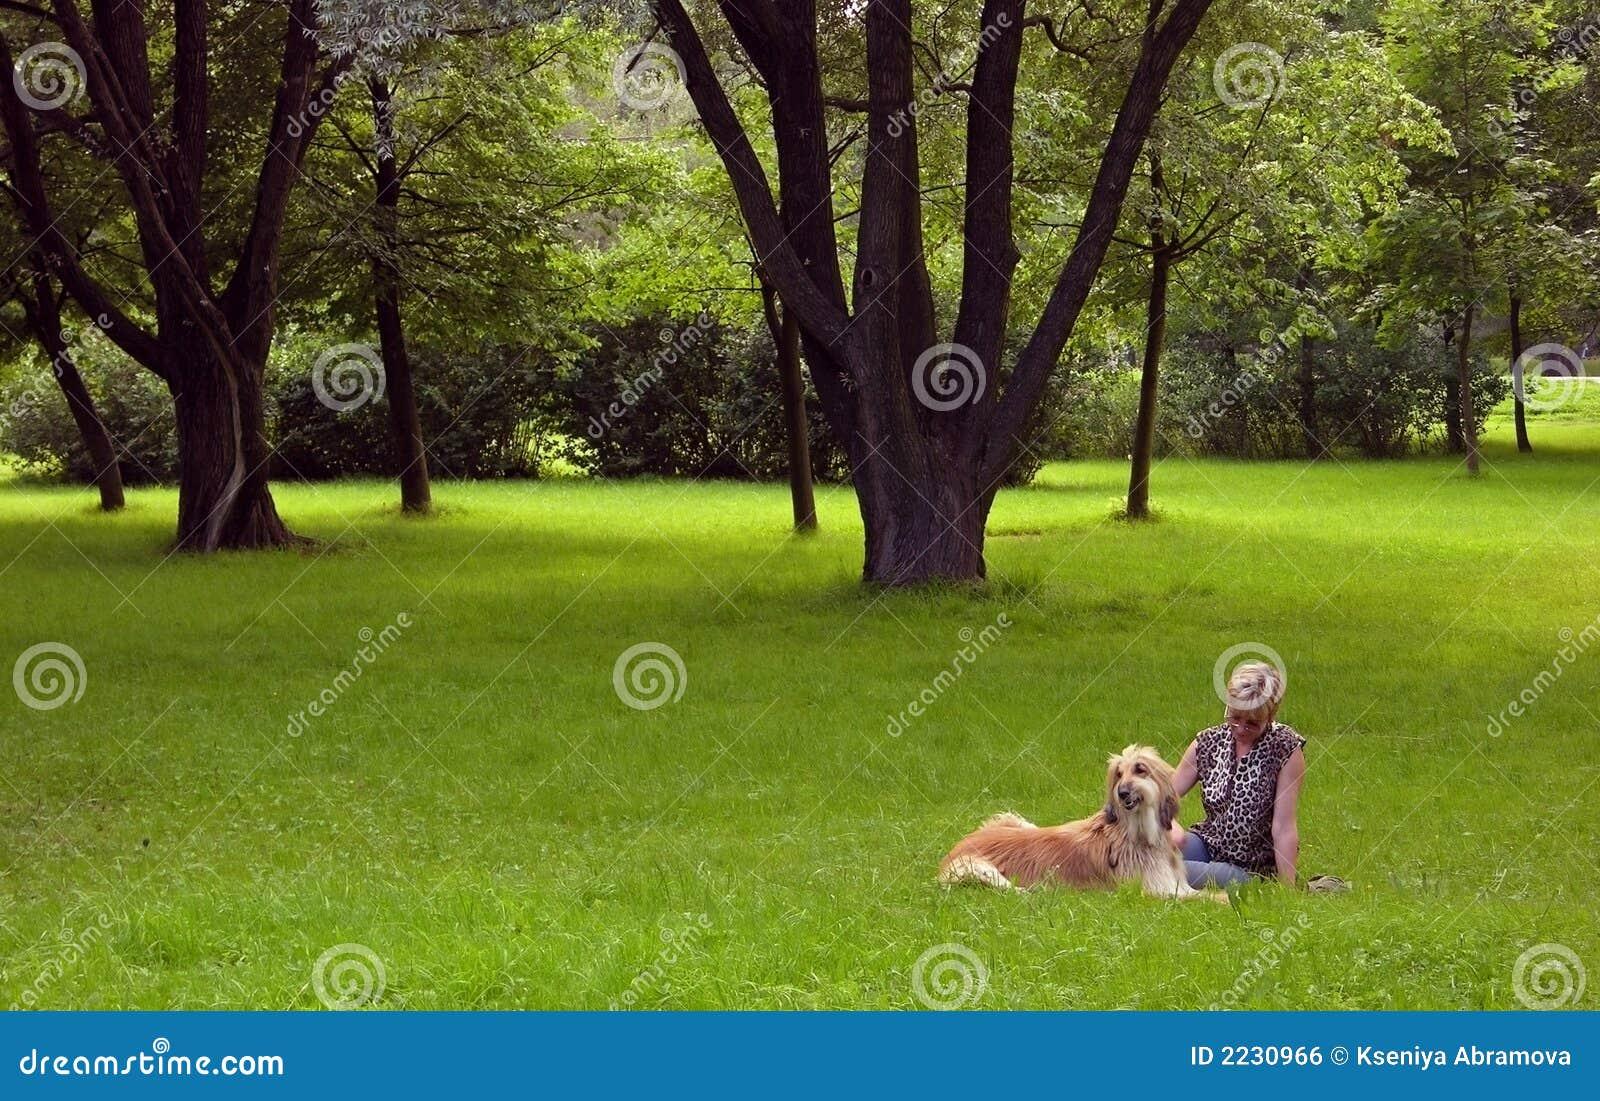 αφγανική γυναίκα σκυλιών